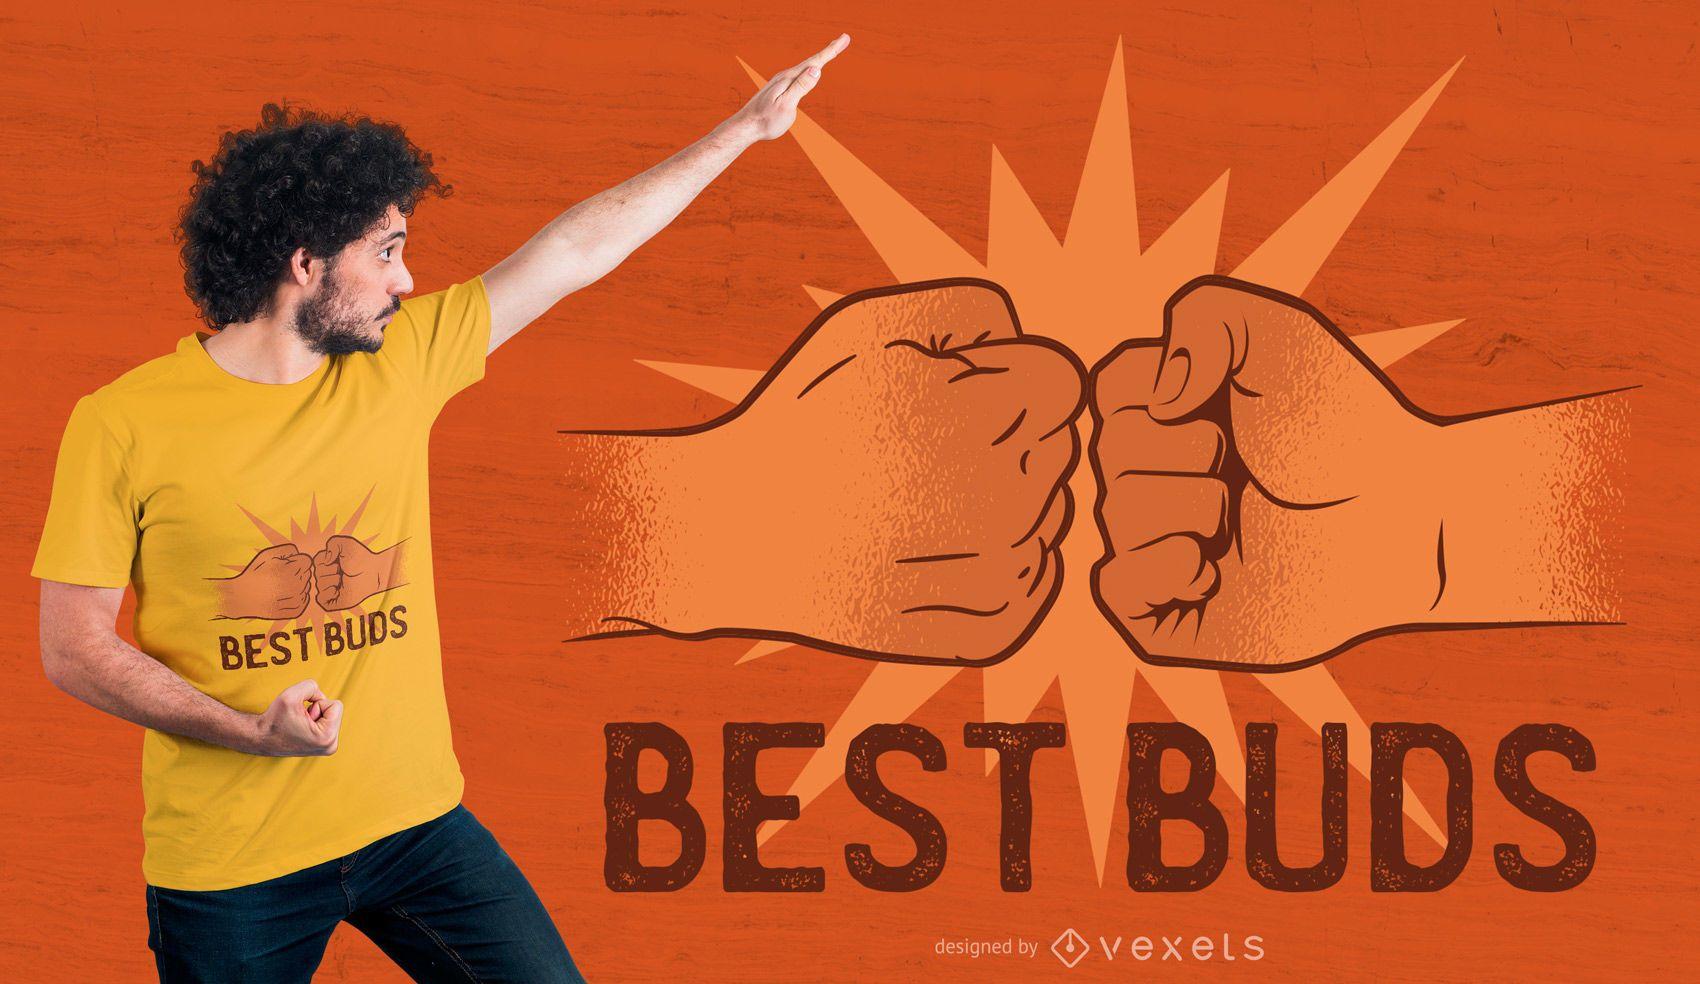 Best buds t-shirt design